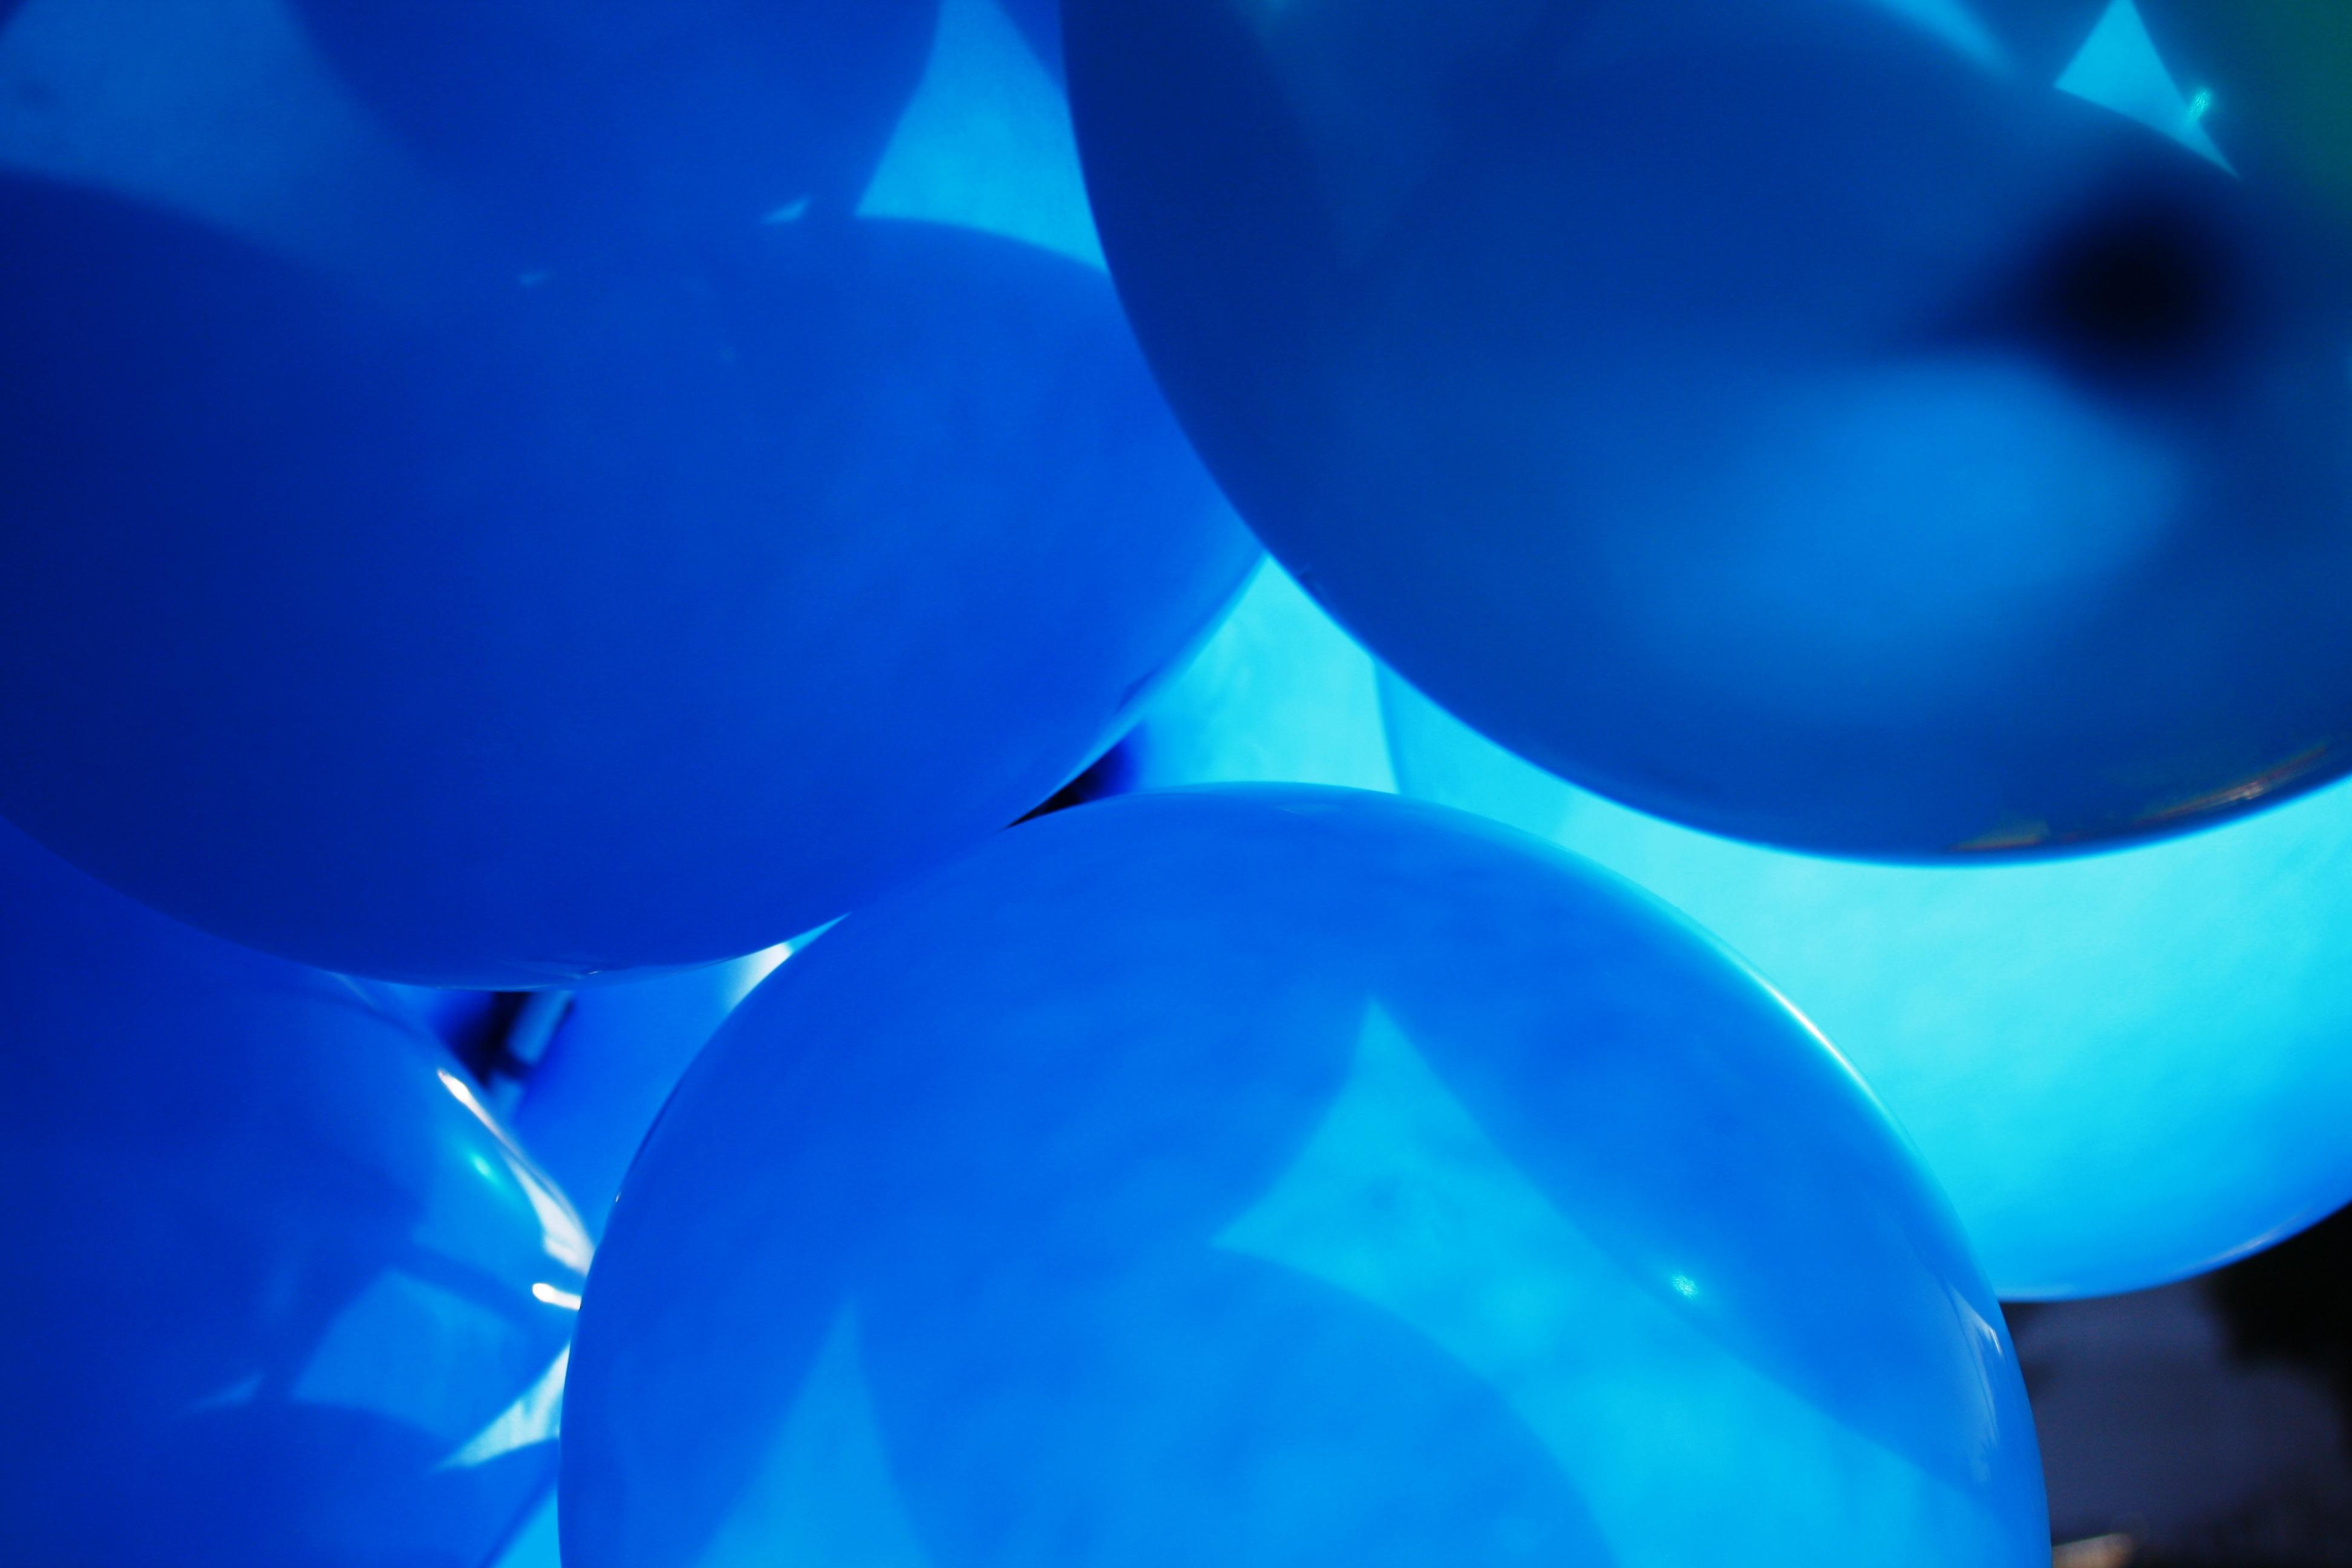 Ballonnen Met Licht : Gratis afbeeldingen : licht zon bloem bloemblad onderwater